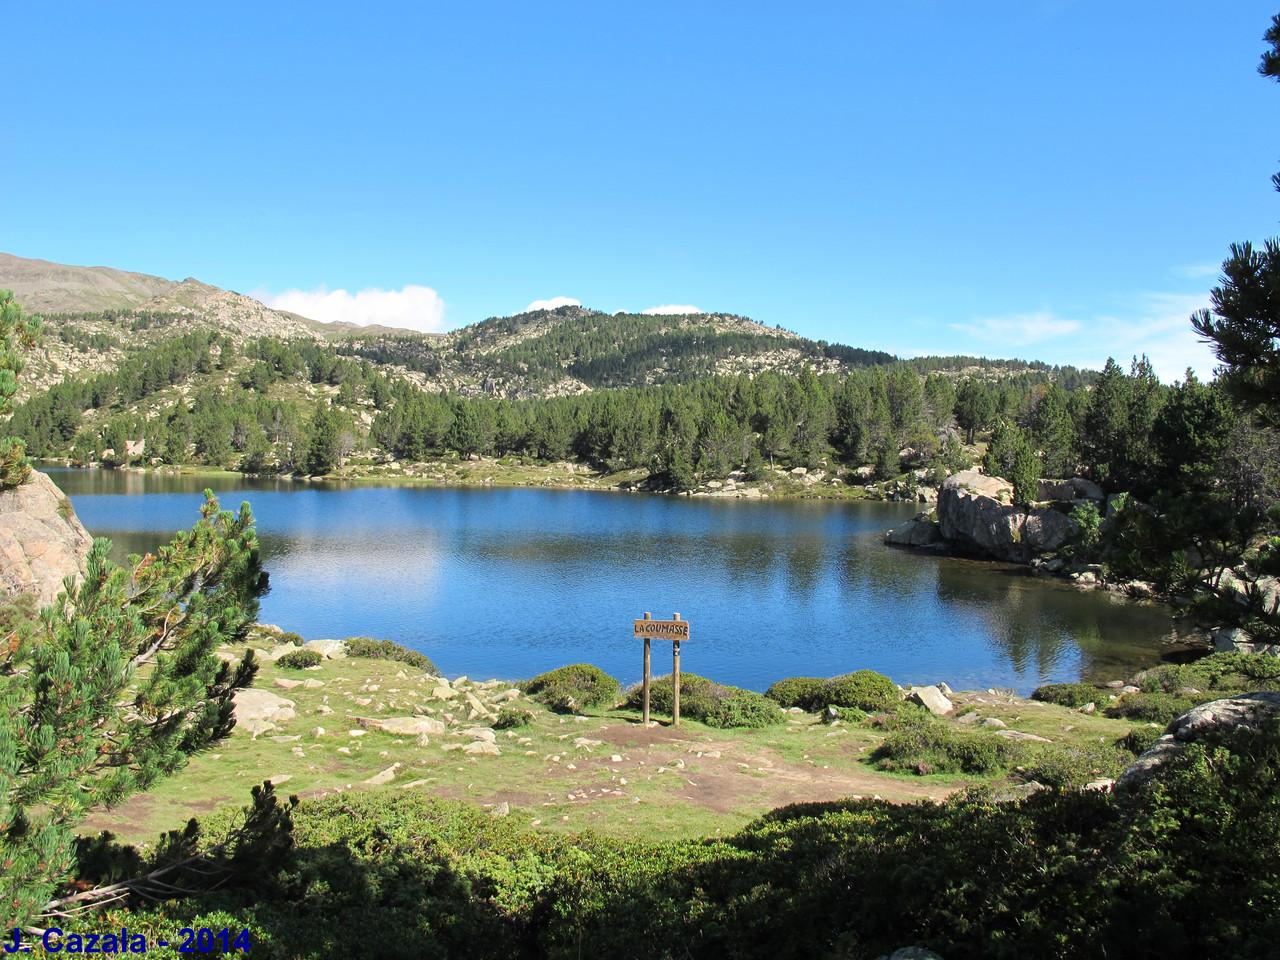 Le circuit des 12 lacs du Carlit